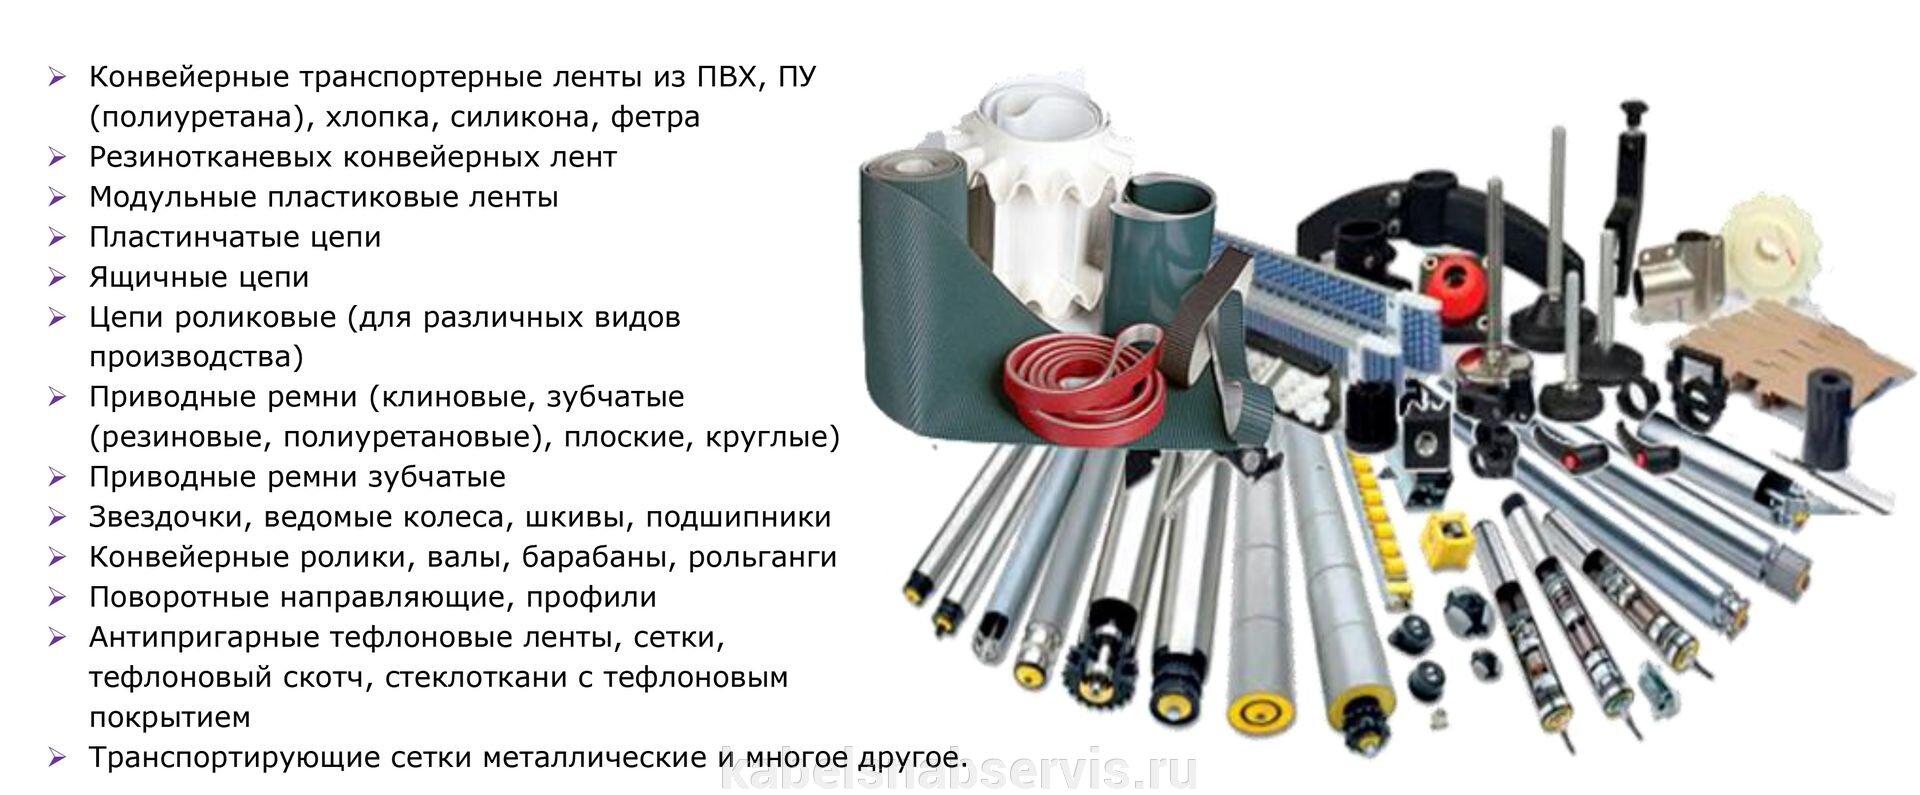 Конвейерные (транспортерные) ленты пластиковые, поворотные,  резинотканевые, бесшовные - фото pic_f9907fda7f87834_1920x9000_1.jpg